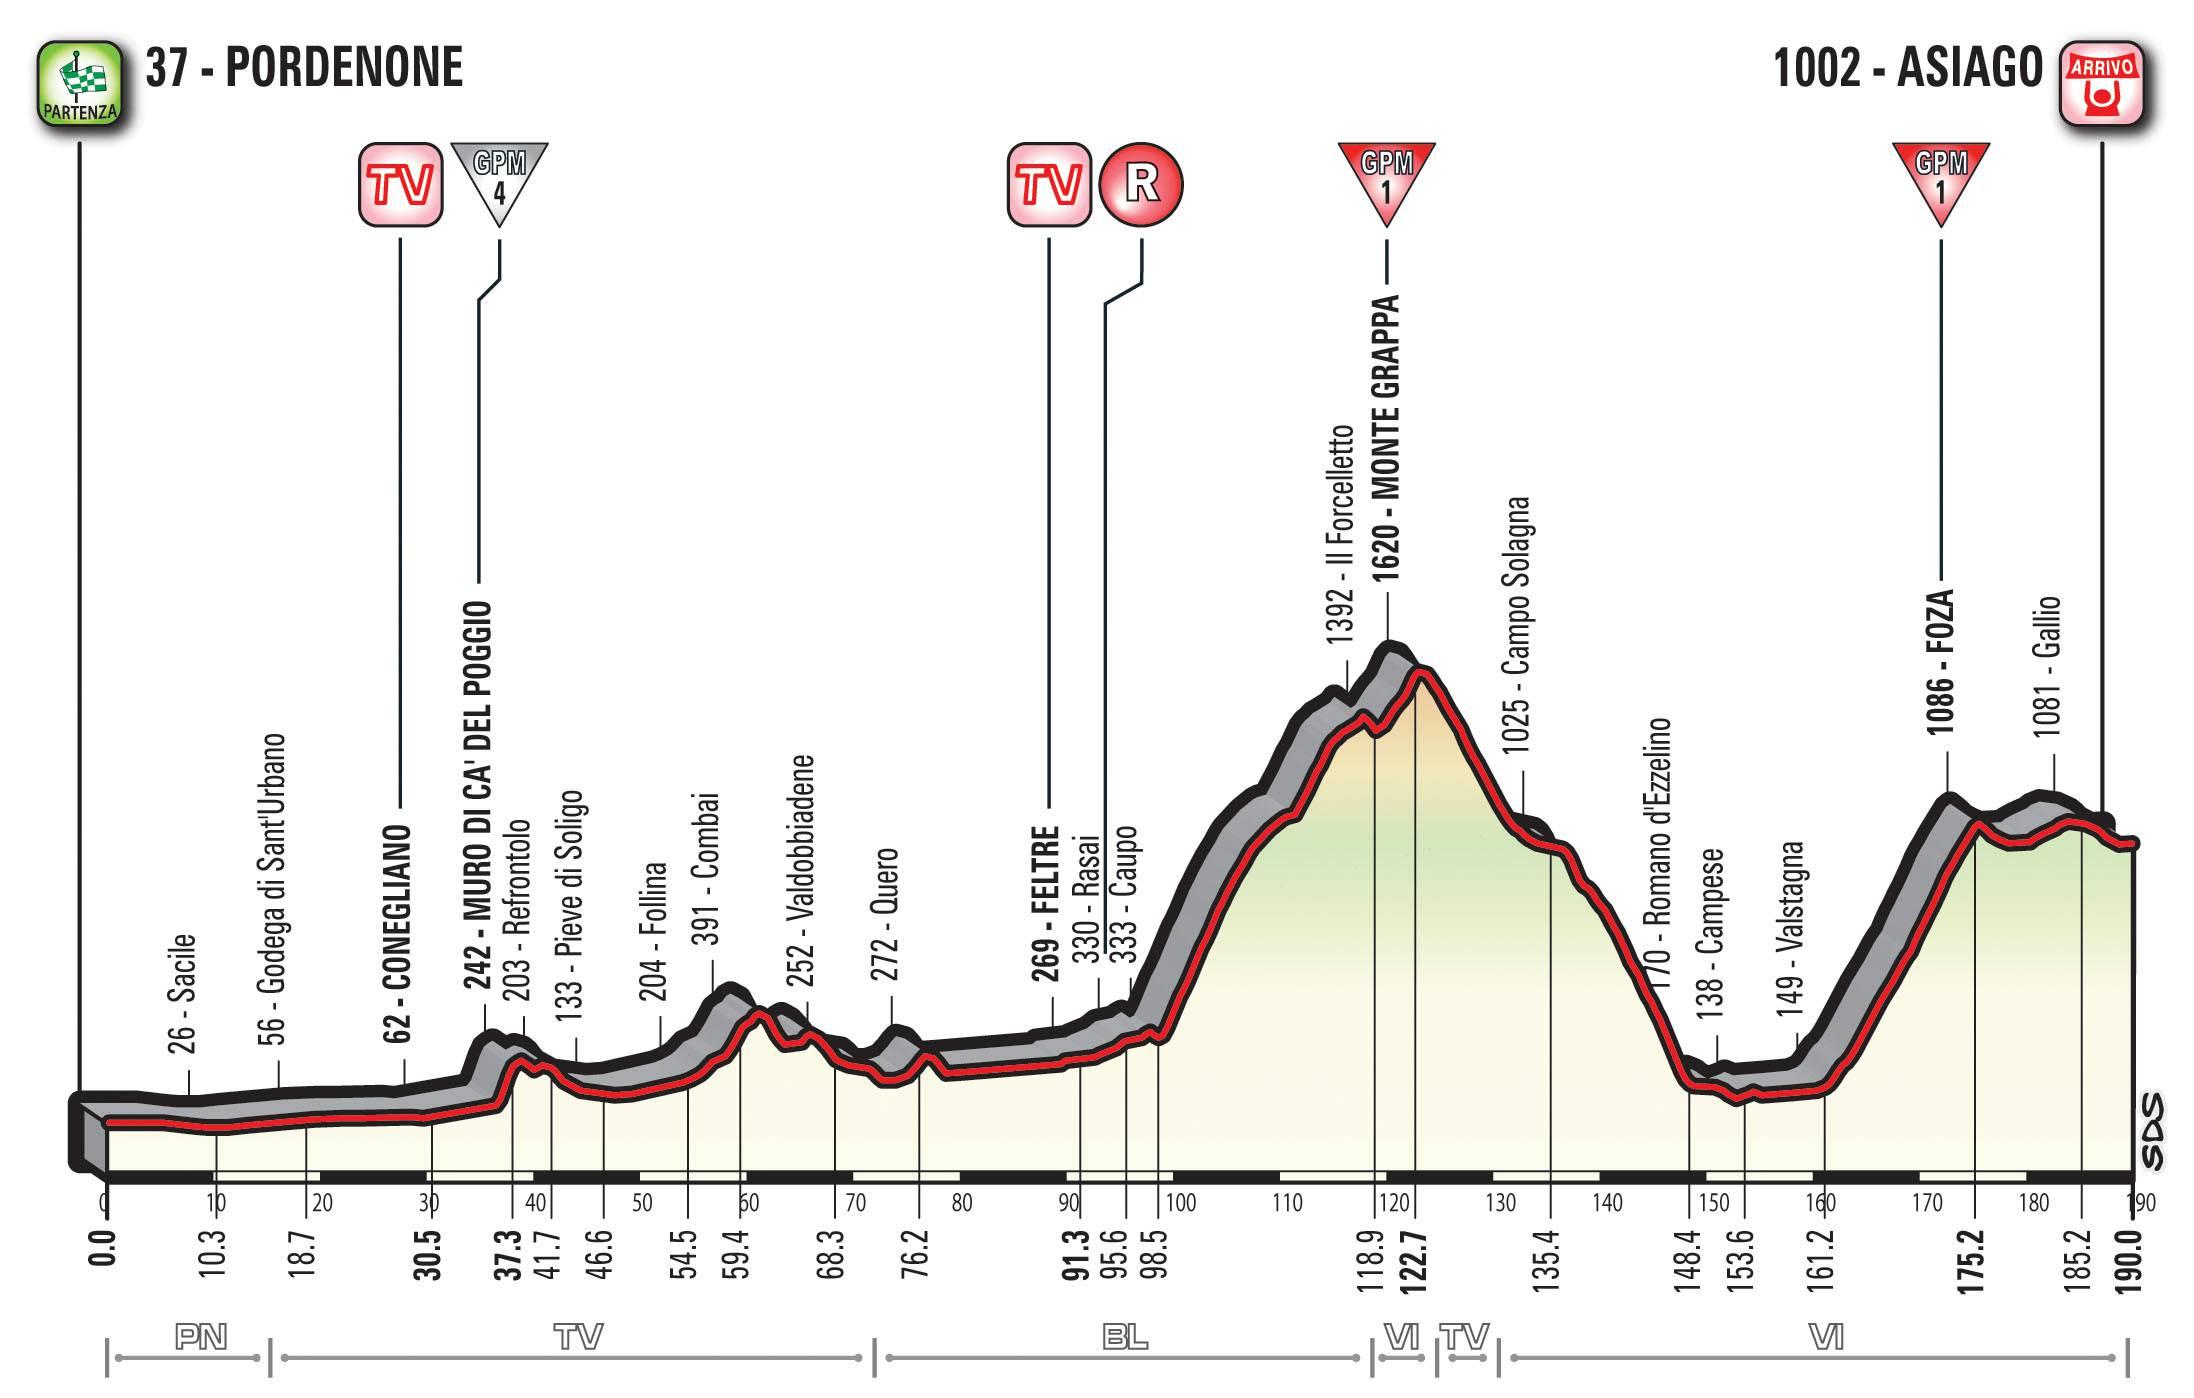 Giro d'Italia 2017, presentazione 20^ tappa: Pordenone-Asiago, 190 km